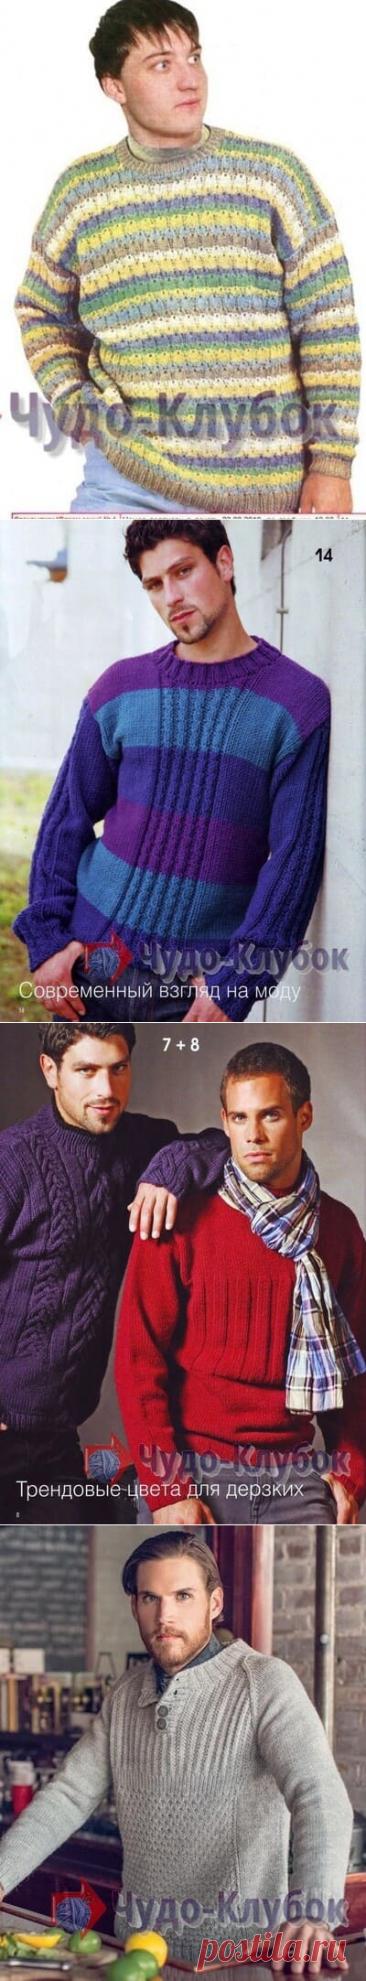 Джемпер мужской вязаный спицами *❤️️ ЧУДО-КЛУБОК.рУ ➲ официальный сайт вязания ✶